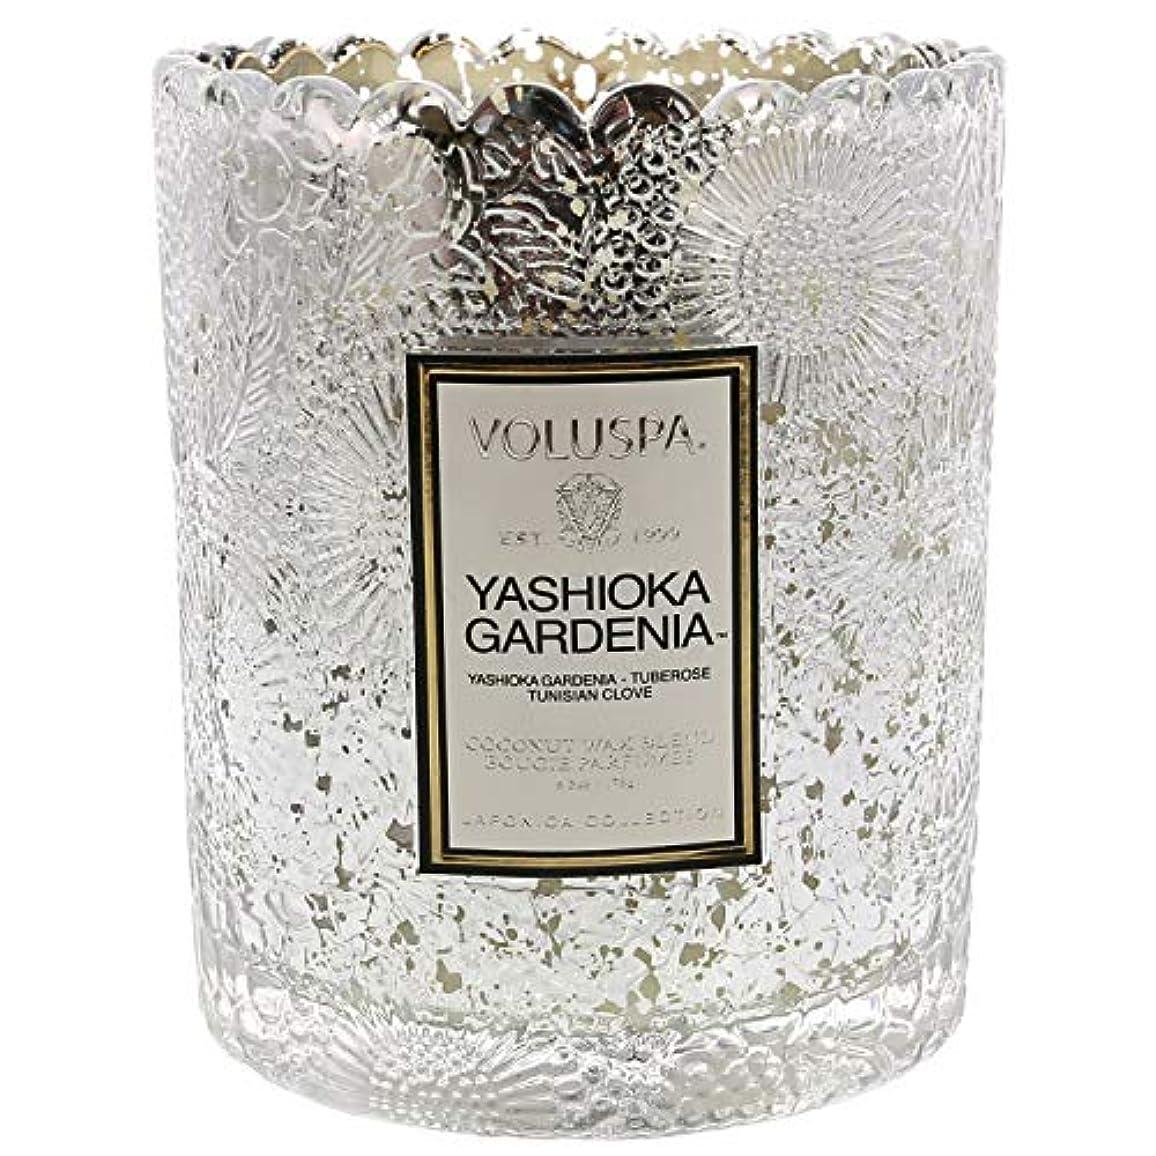 器用マチュピチュ不完全なVoluspa ボルスパ ジャポニカ リミテッド スカラップグラスキャンドル  ヤシオカガーデニア YASHIOKA GARDENIA JAPONICA Limited SCALLOPED EDGE Glass Candle